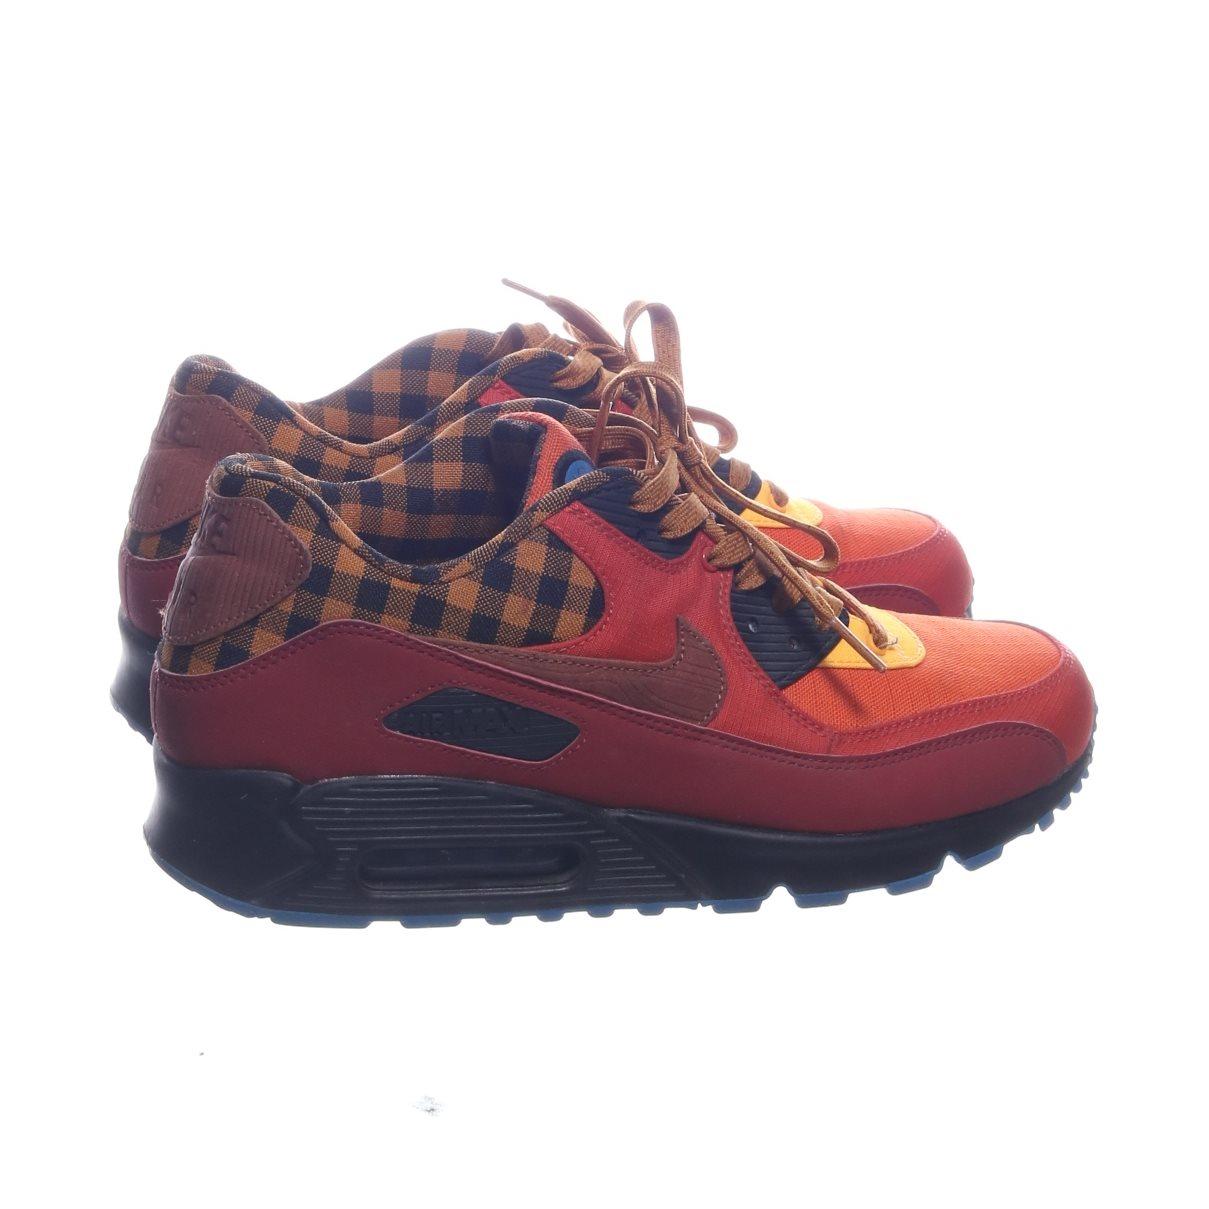 reputable site 0ecc0 268a3 Nike, Sneakers, Strl  42, NIKE AIR MAX, Flerfärgad, Skinn